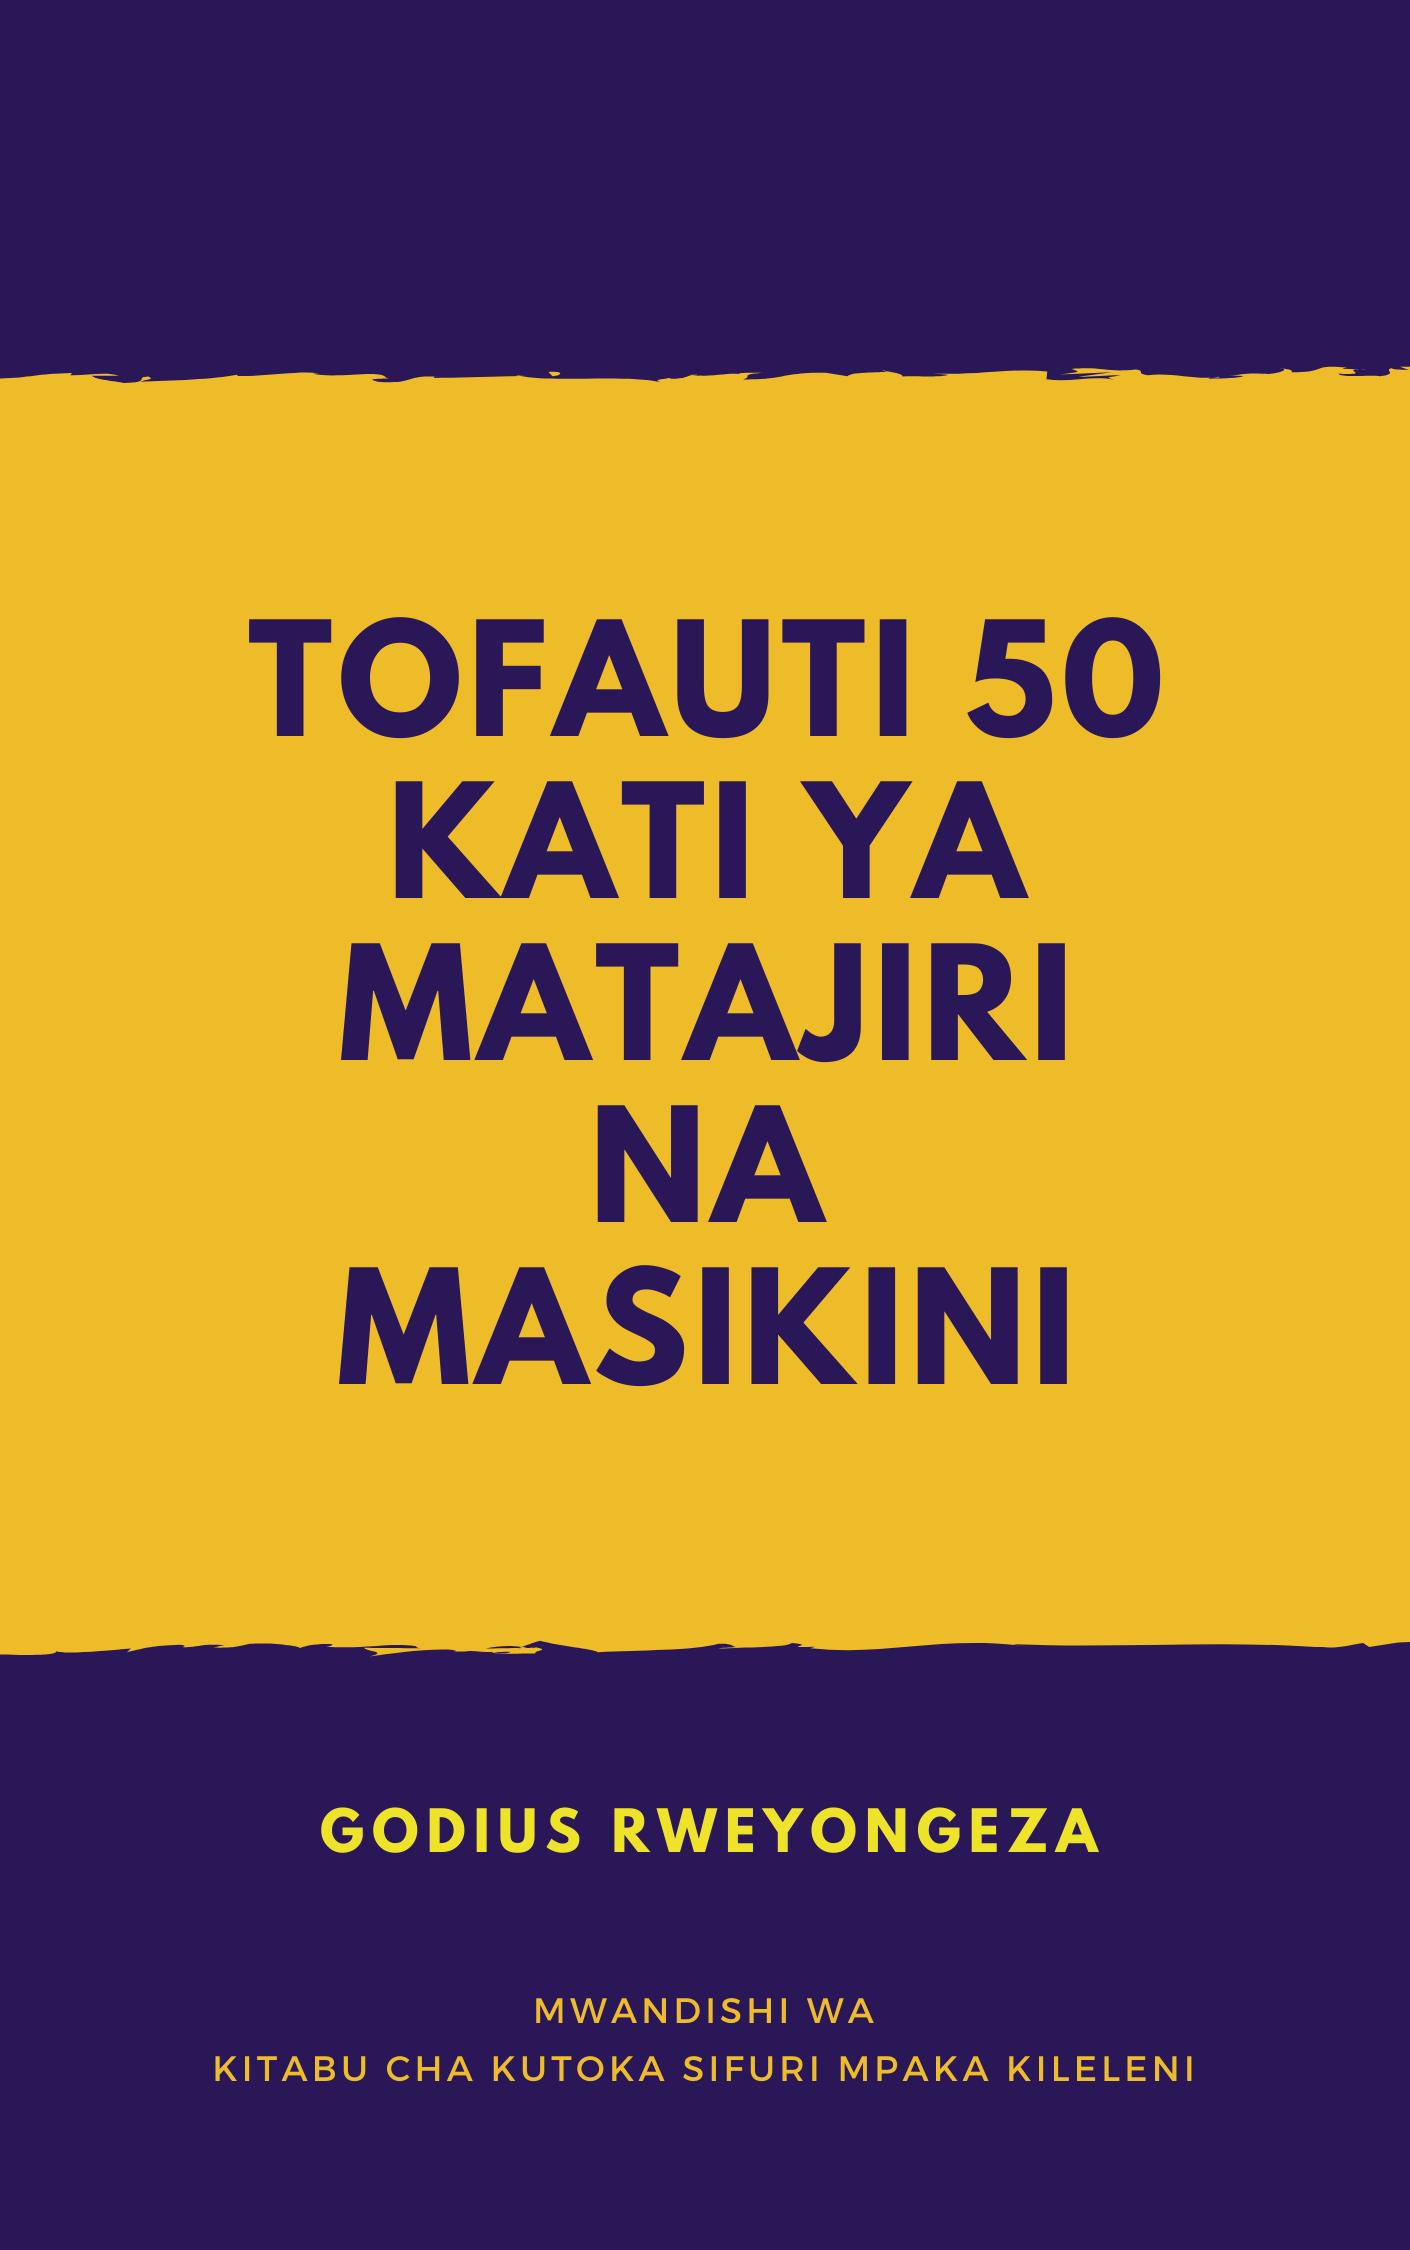 TOFAUTI 50 KATI YA MATAJIRI NA MASIKINI